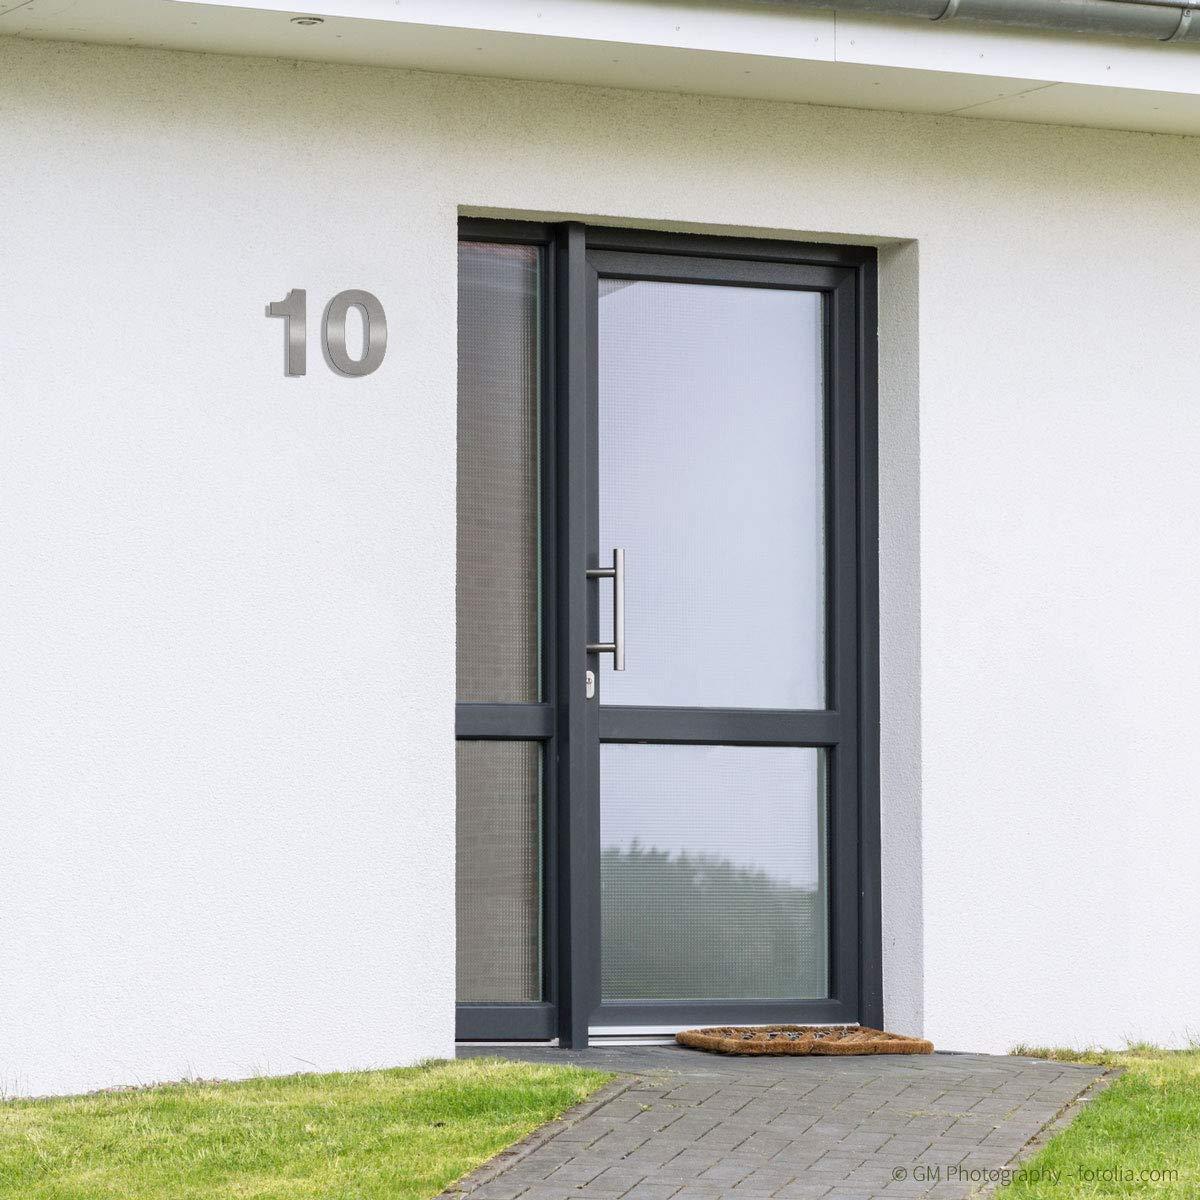 inkl 4 fein geb/ürstet Montagematerial//H: 300mm // Farbe: silber 30cm Thorwa/® Design Edelstahl Hausnummer